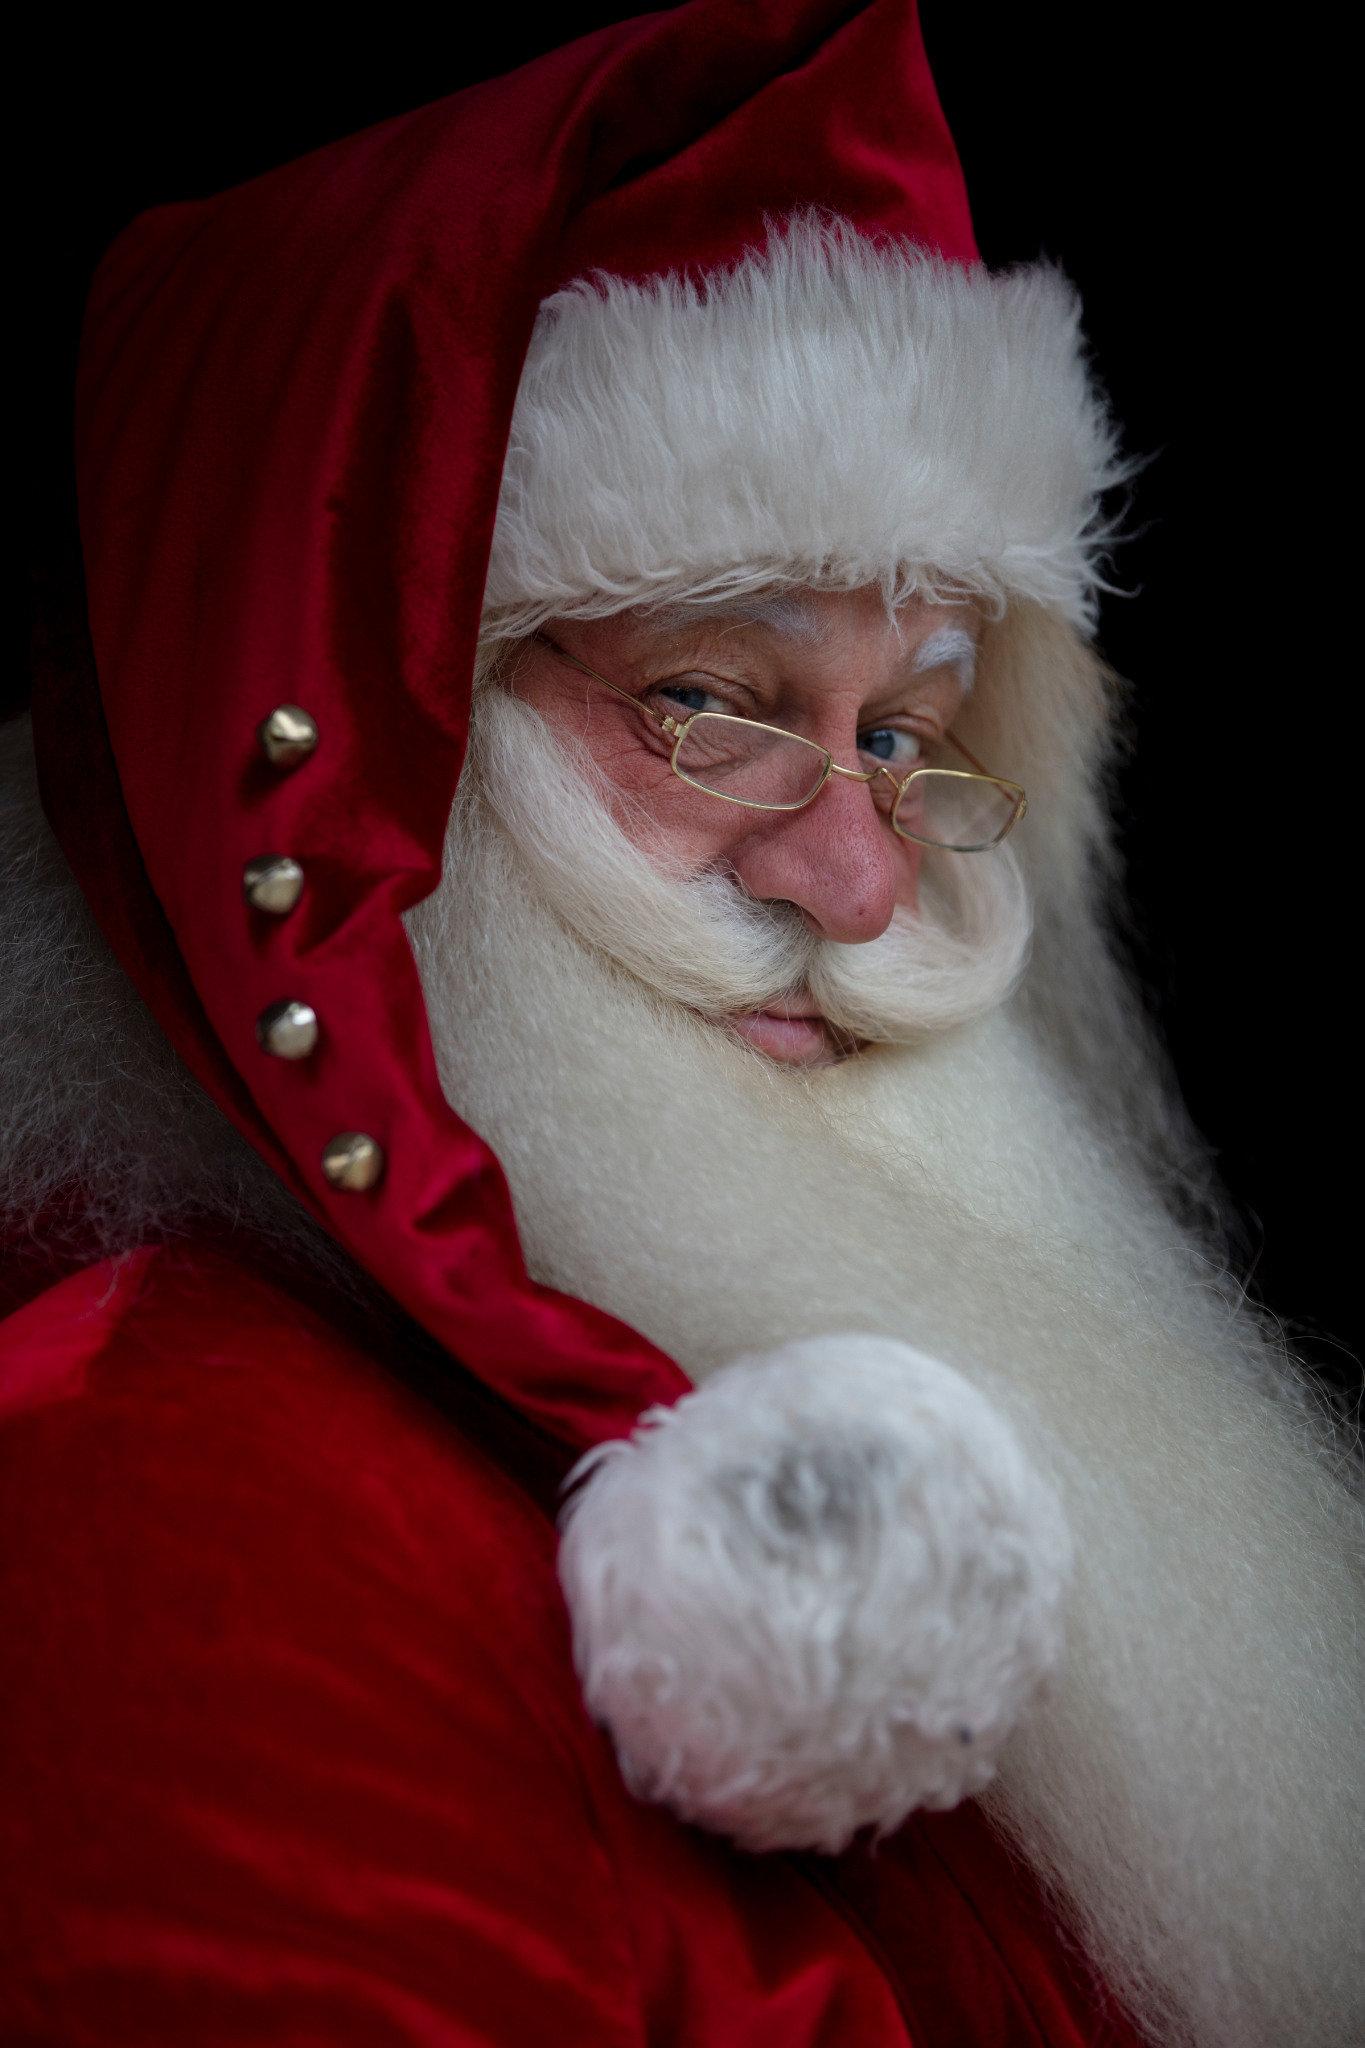 Julenissen er lur